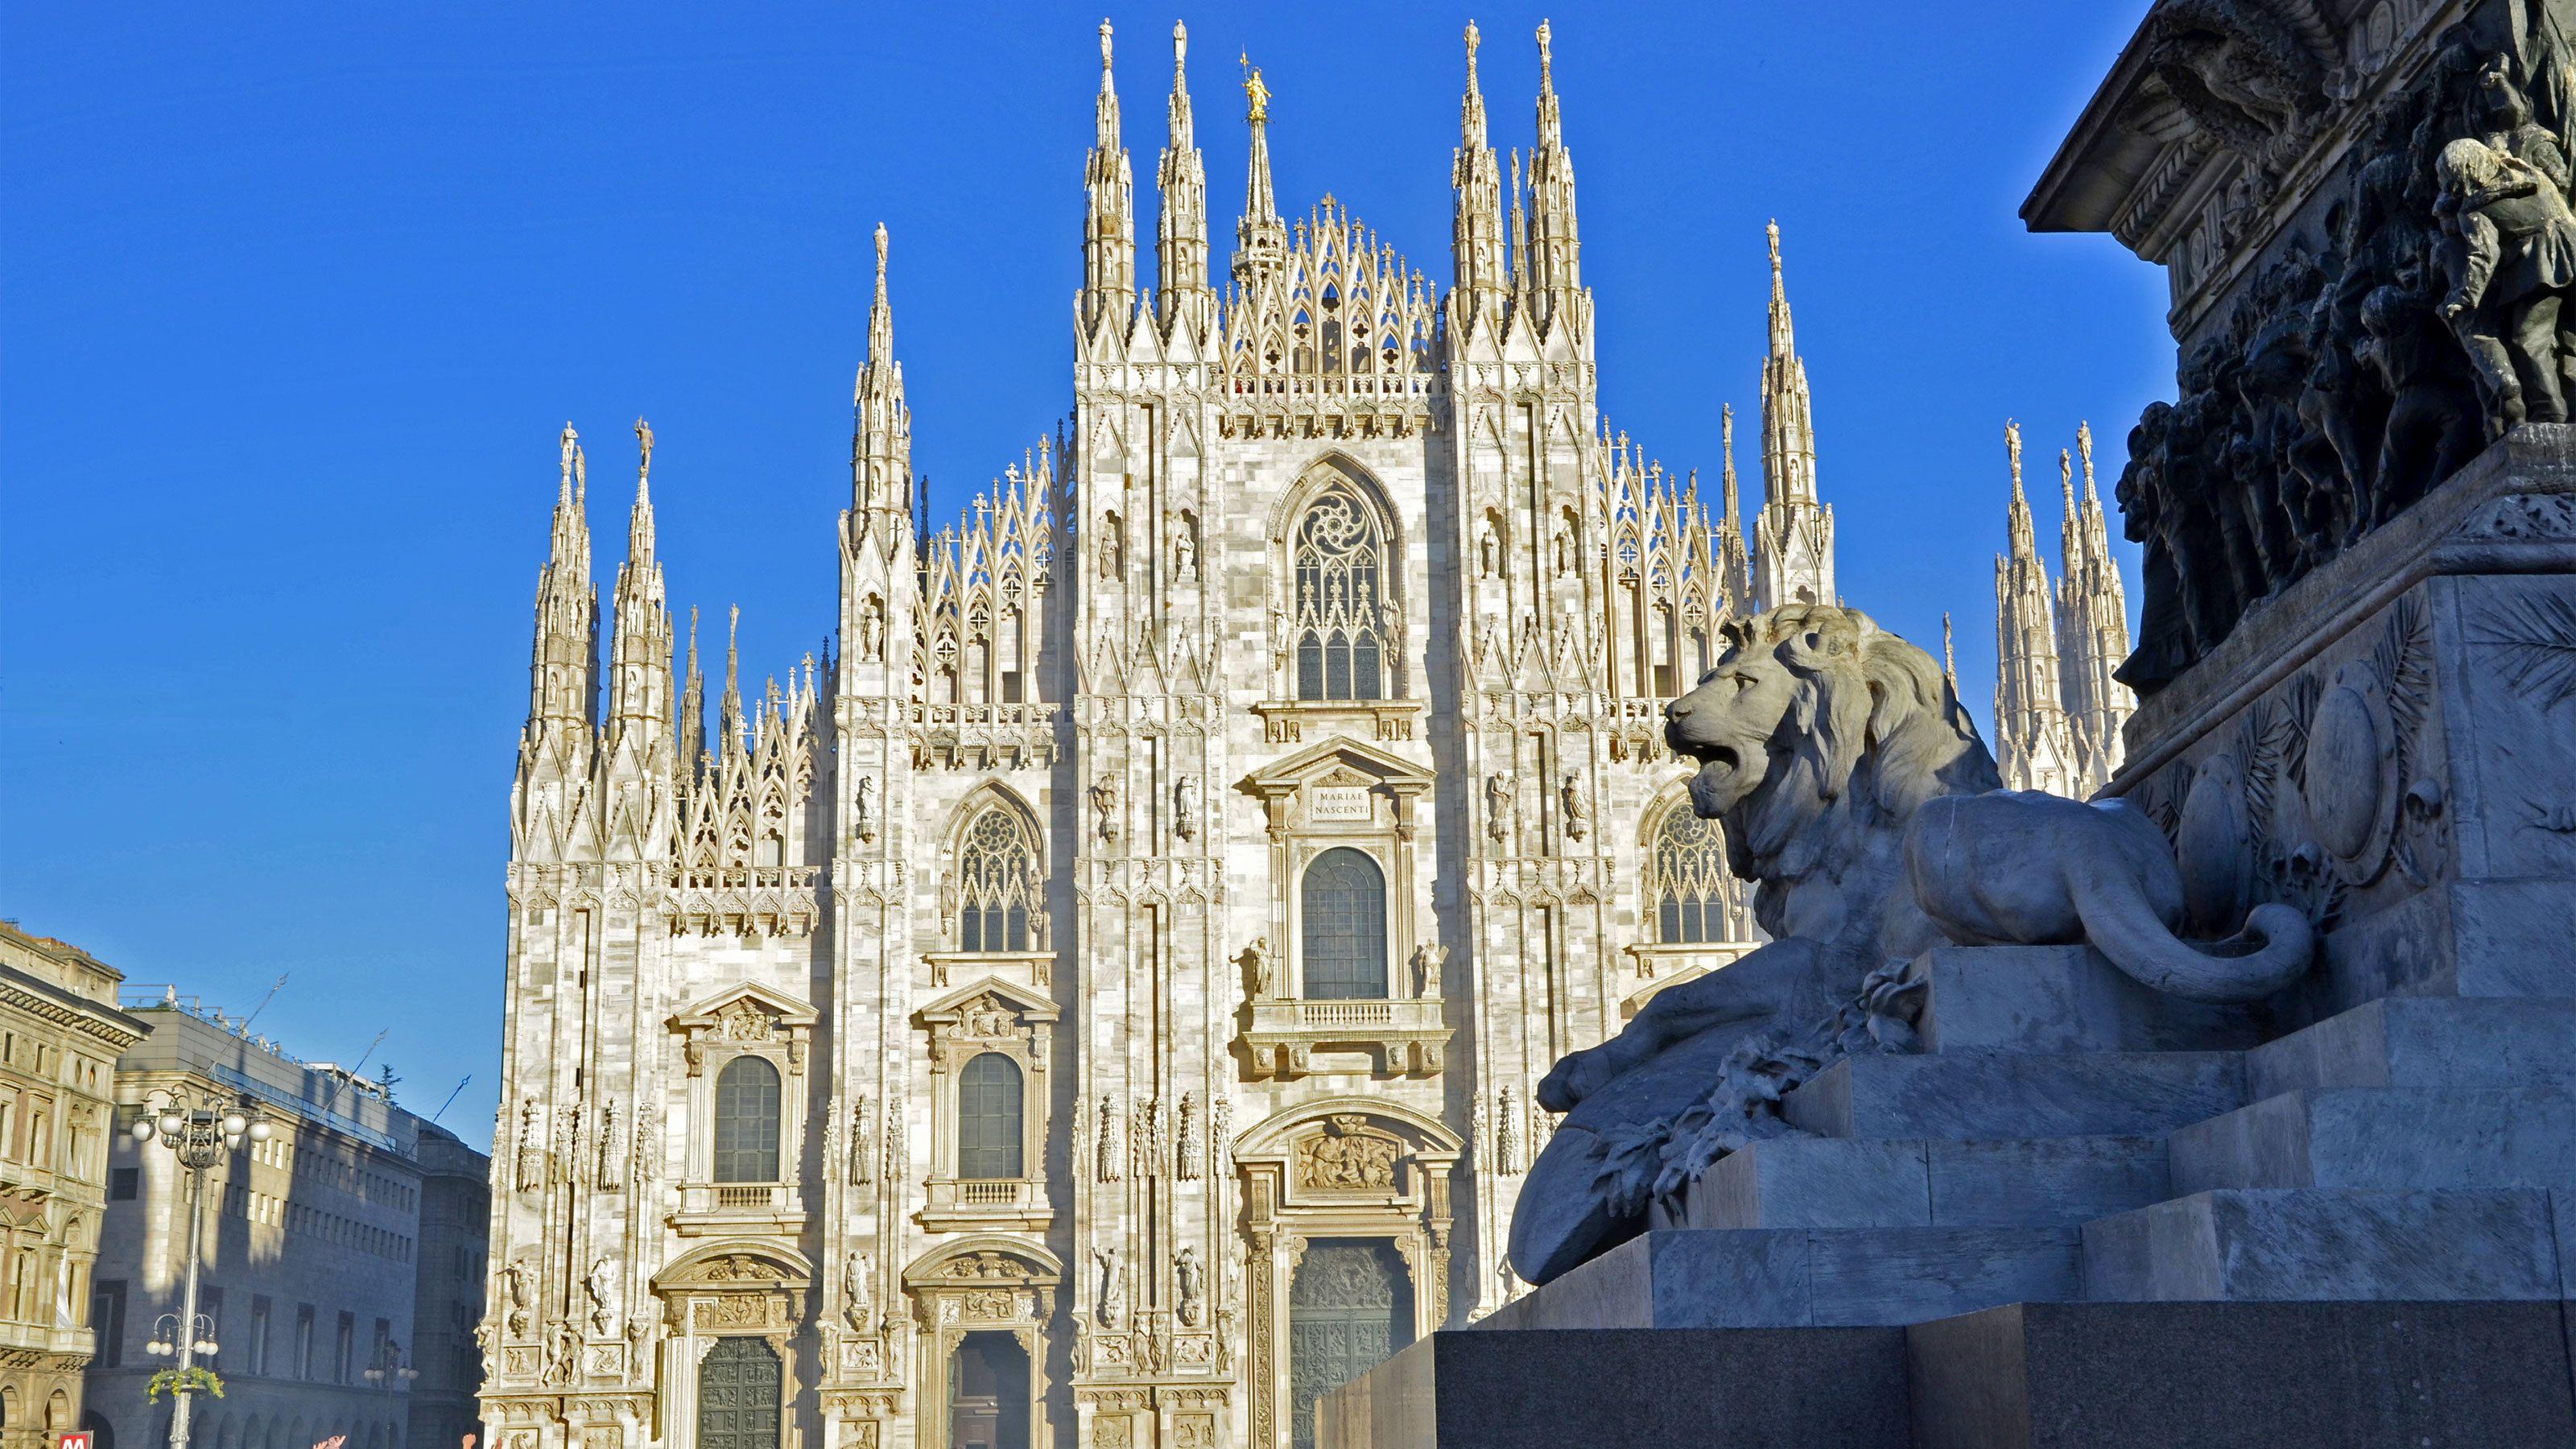 Toegang zonder wachtrij: rondleiding door de Duomo